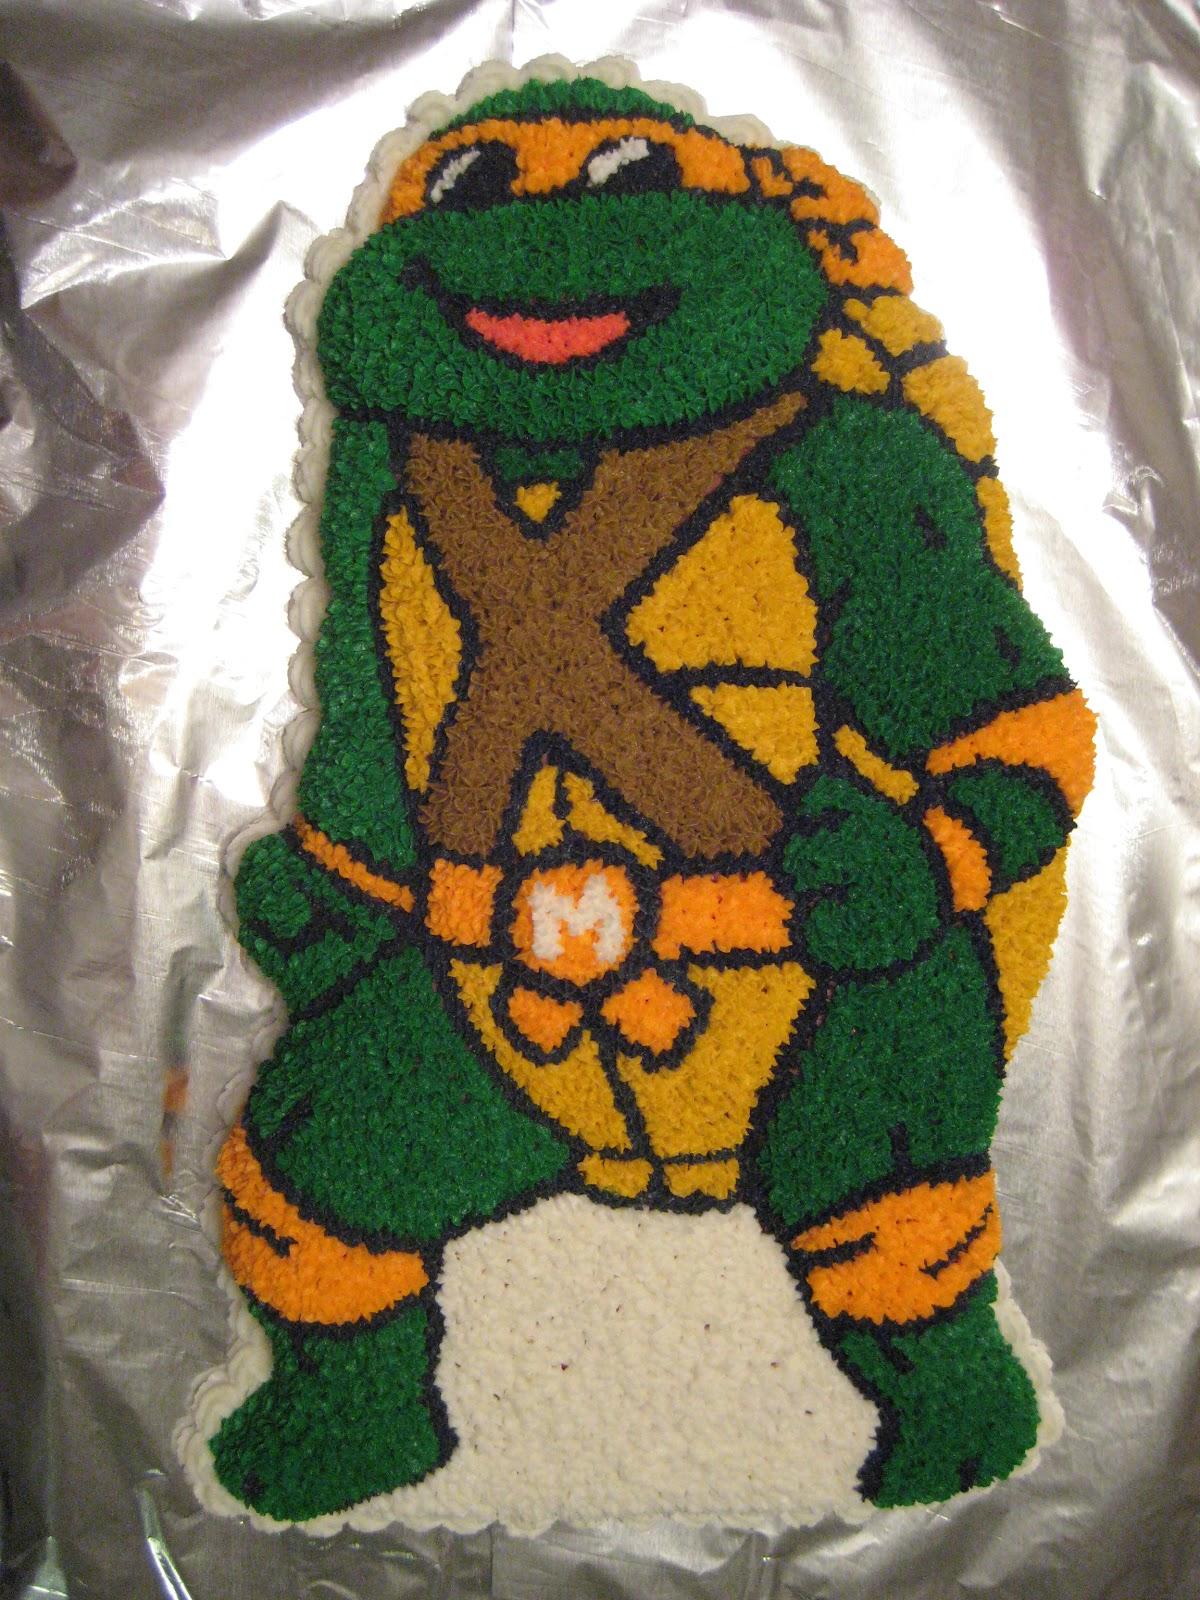 Cricket S Creations Teenage Mutant Ninja Turtle Cake